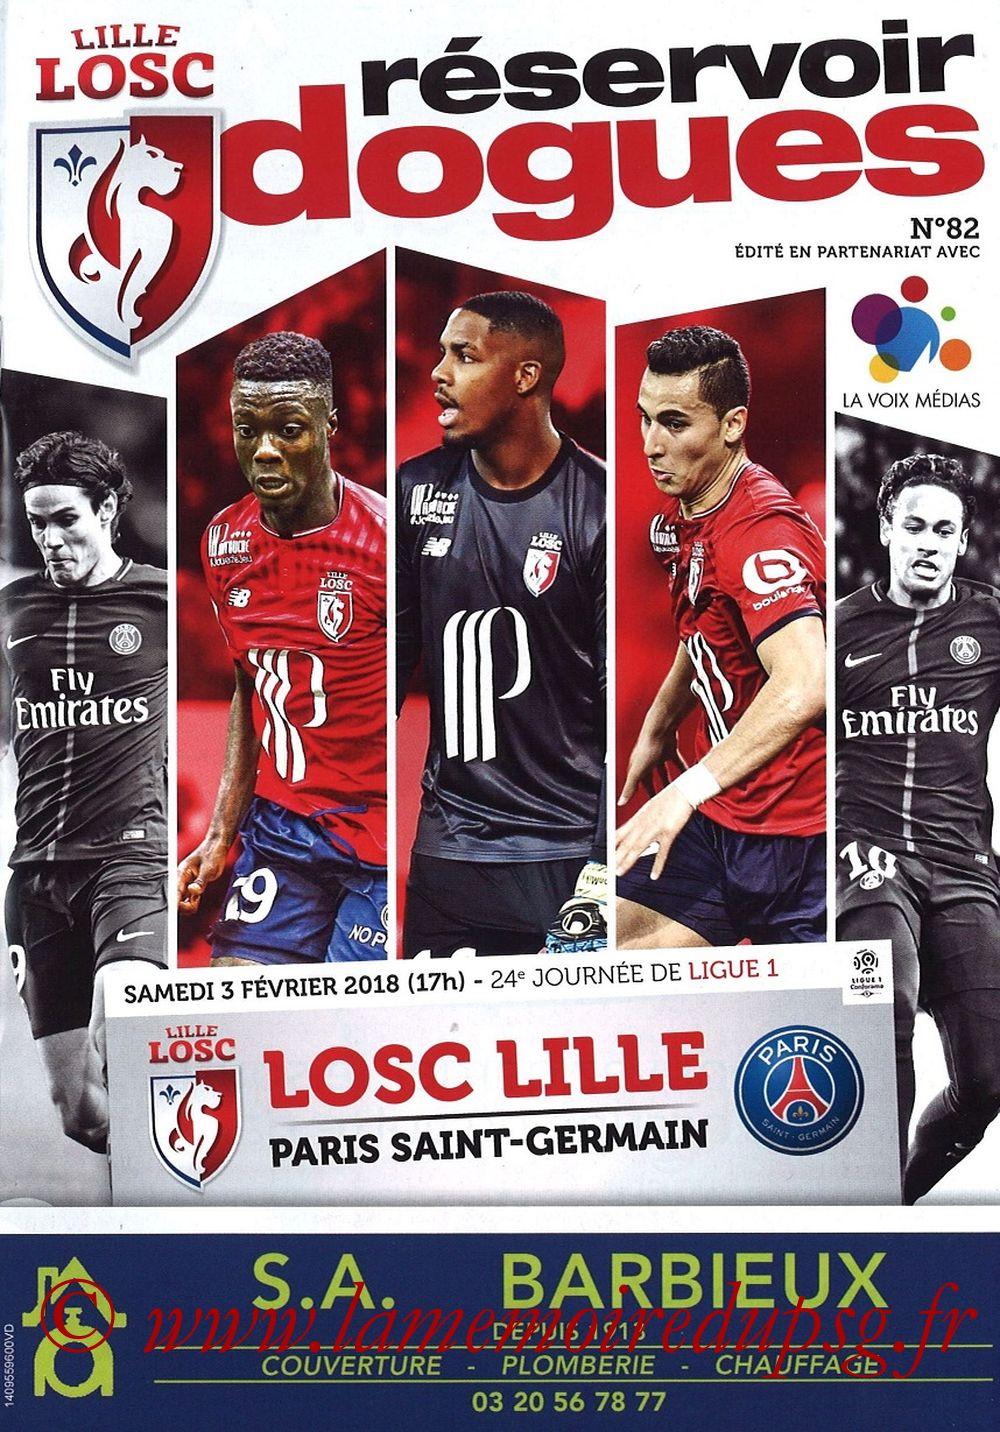 2018-02-03  Lille-PSG (24ème L1, Réservoir Dogues N°82)